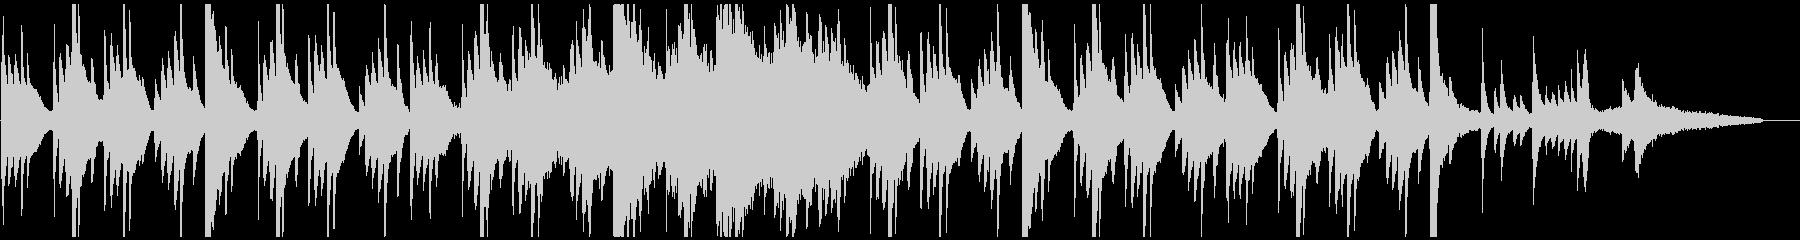 シンプルで感動的な音楽(ピアノメイン)の未再生の波形